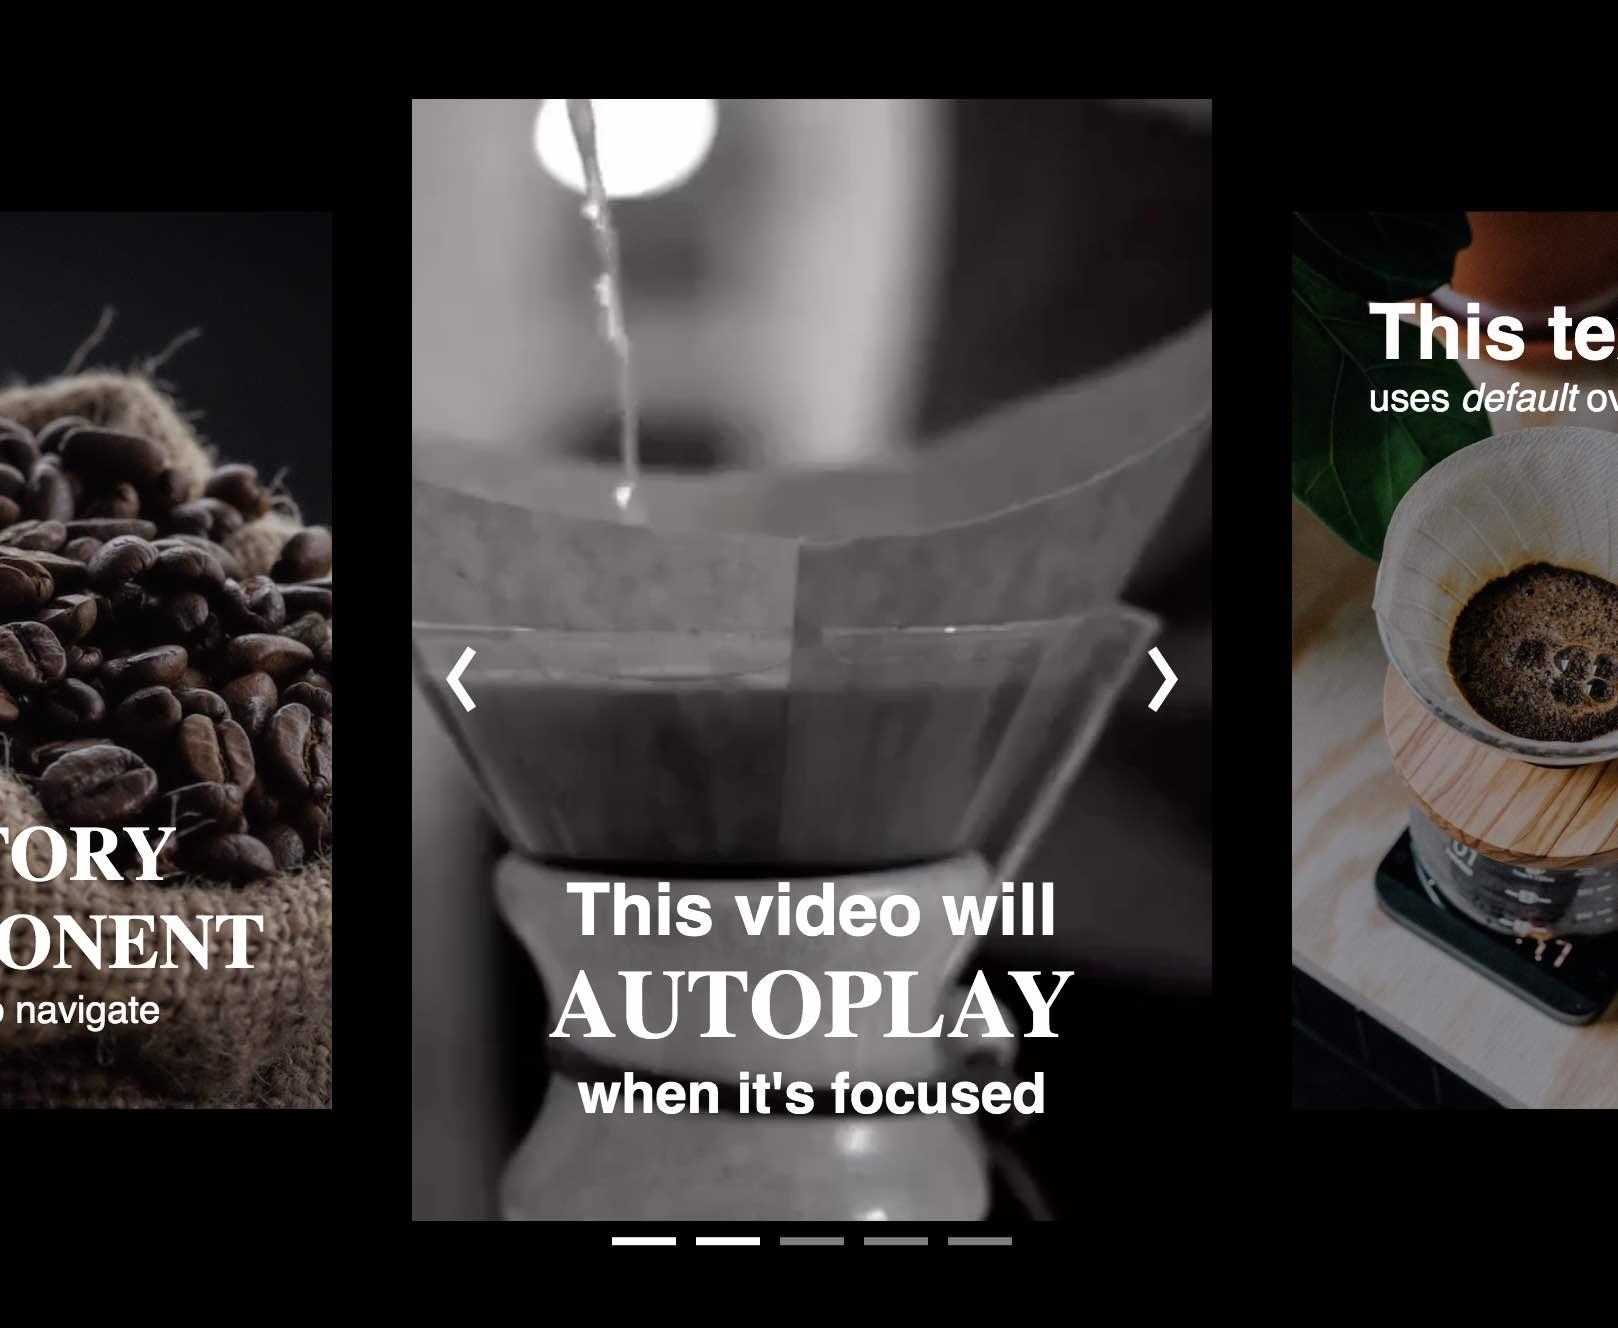 3 つのコーヒー画像を表示した完成形の story-viewer コンポーネント